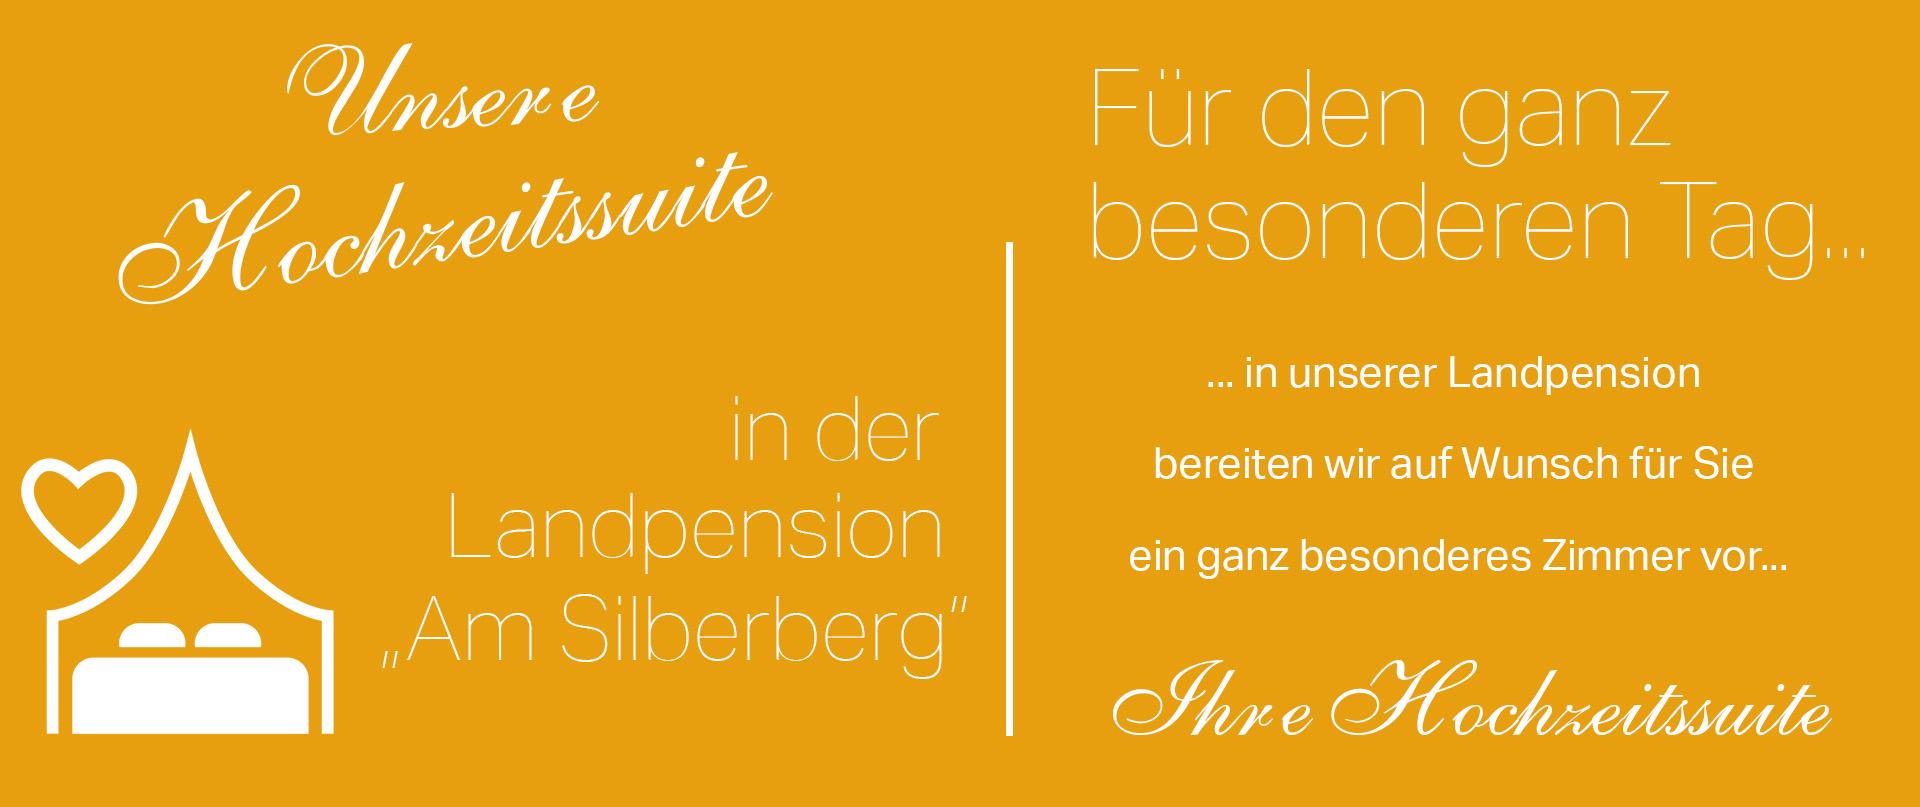 Hochzeitssuite in der Landpension Am Silberberg